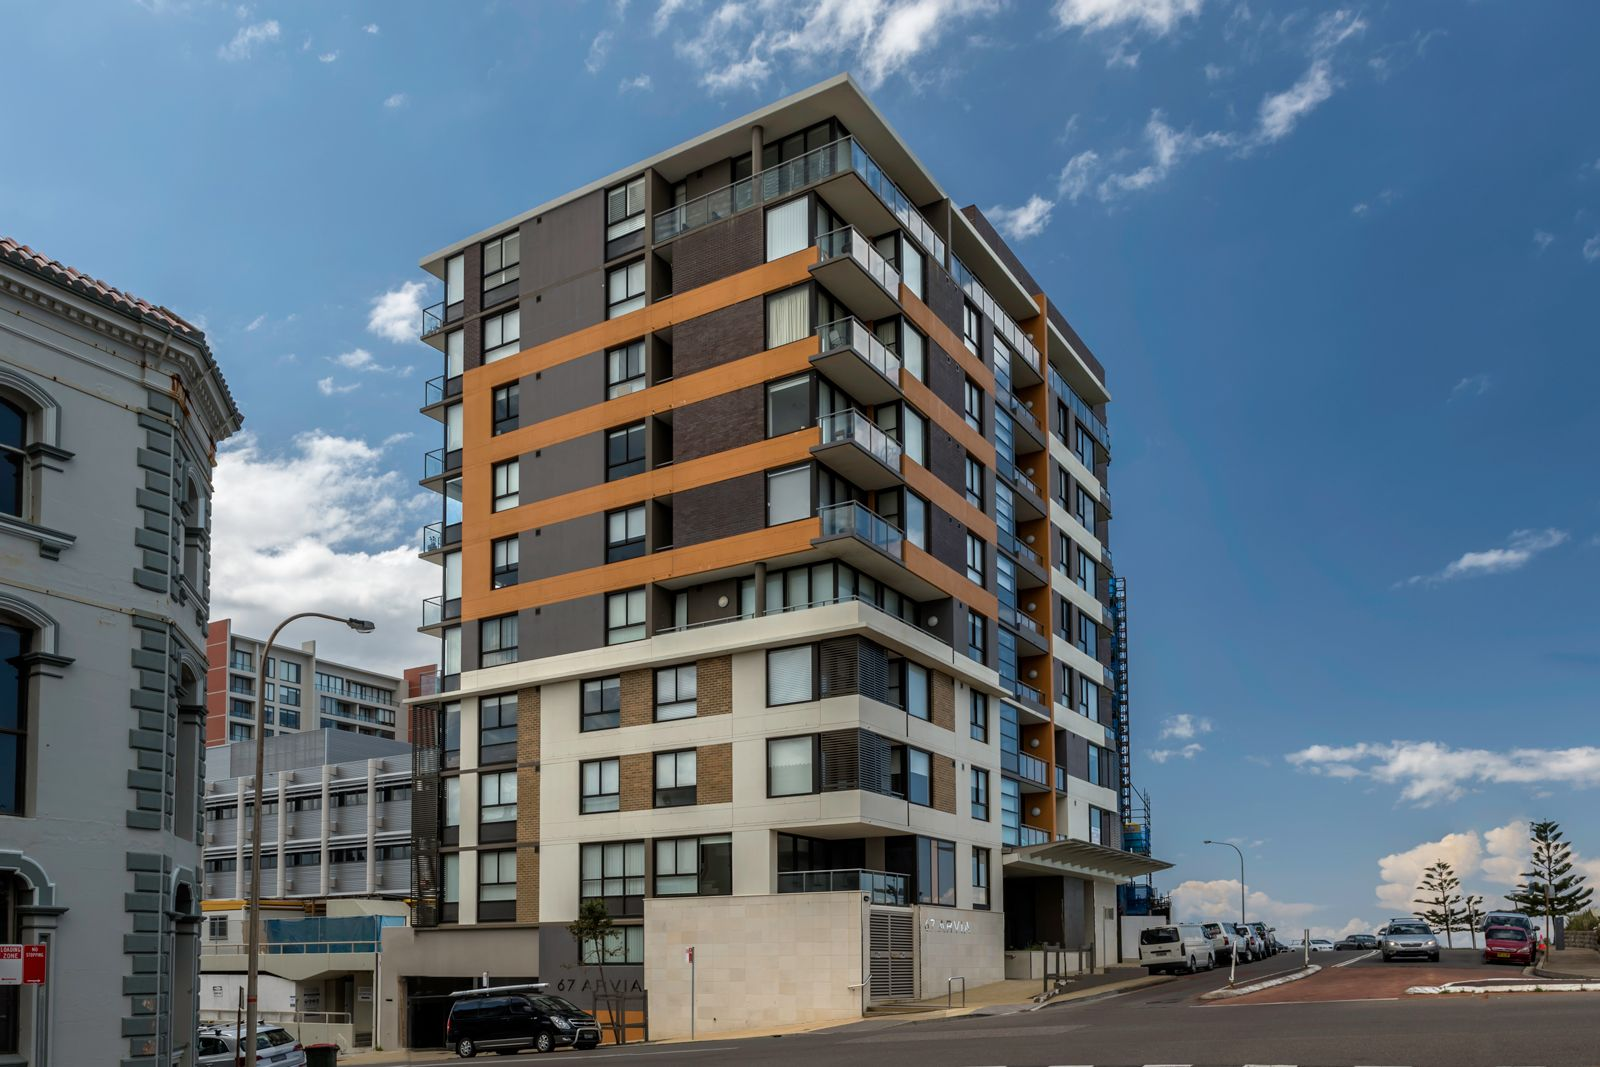 Level 4/403/67 Watt Street, Newcastle